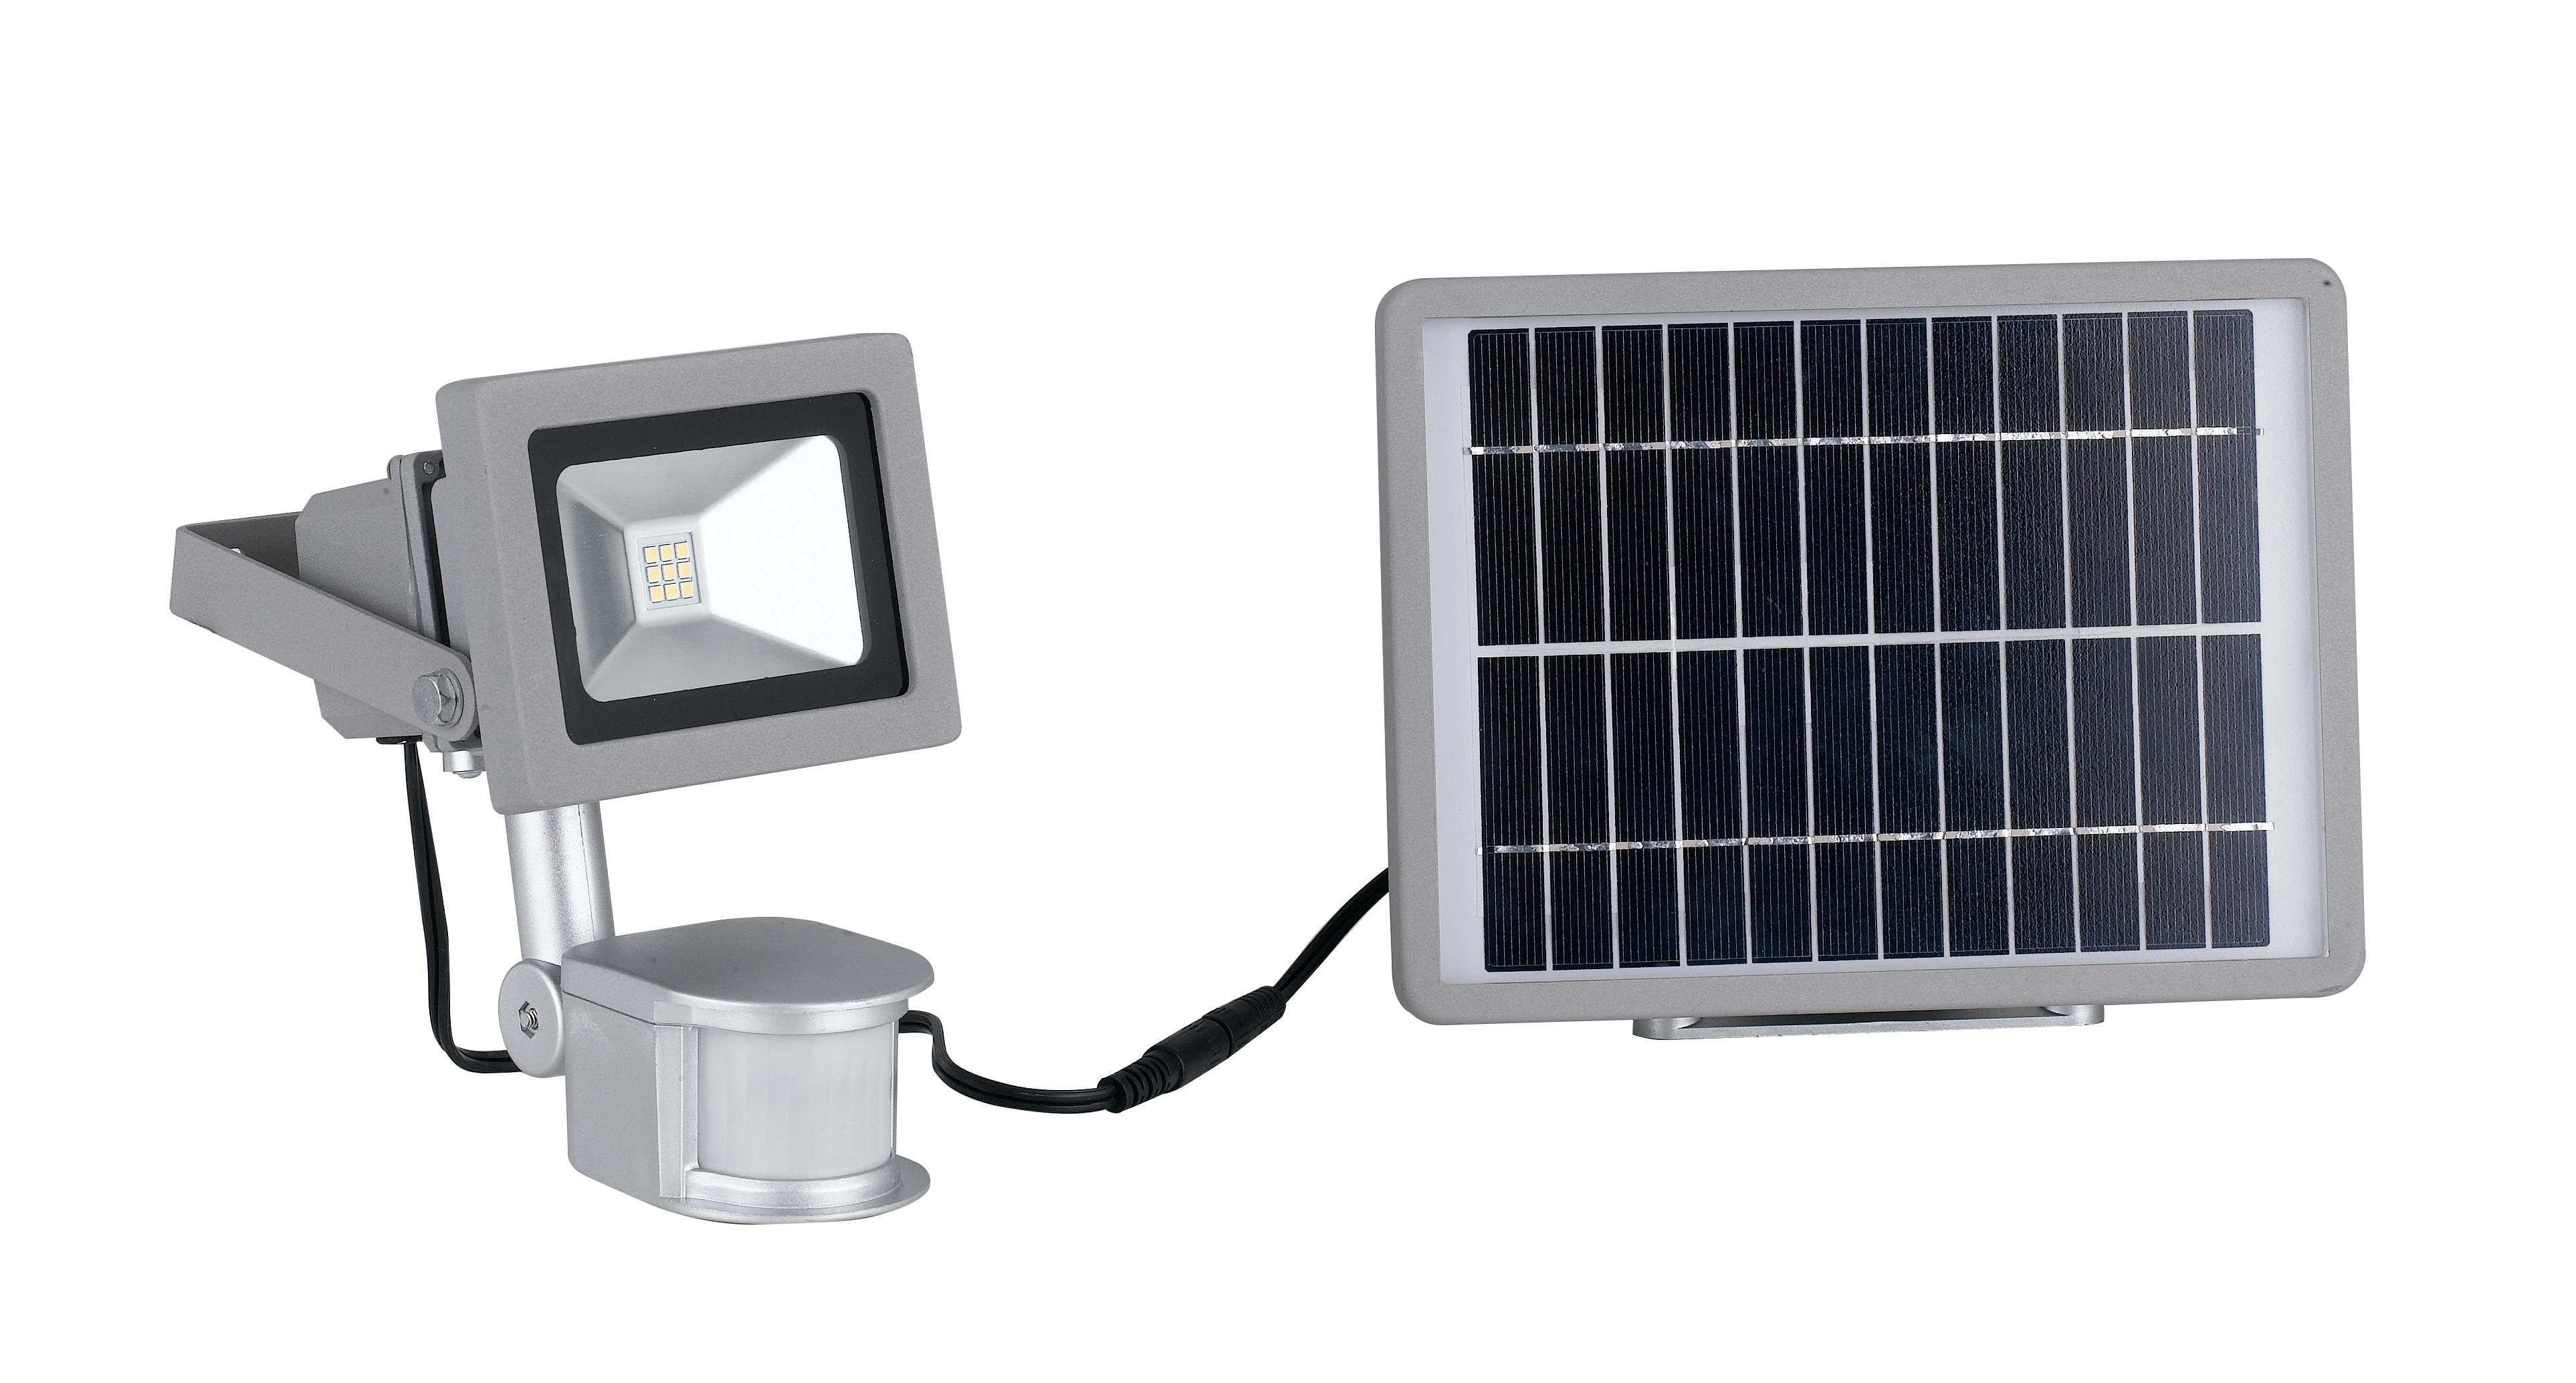 Plafoniere Con Pannello Solare : Led elios solar proiettore con pannello solare mondialshop